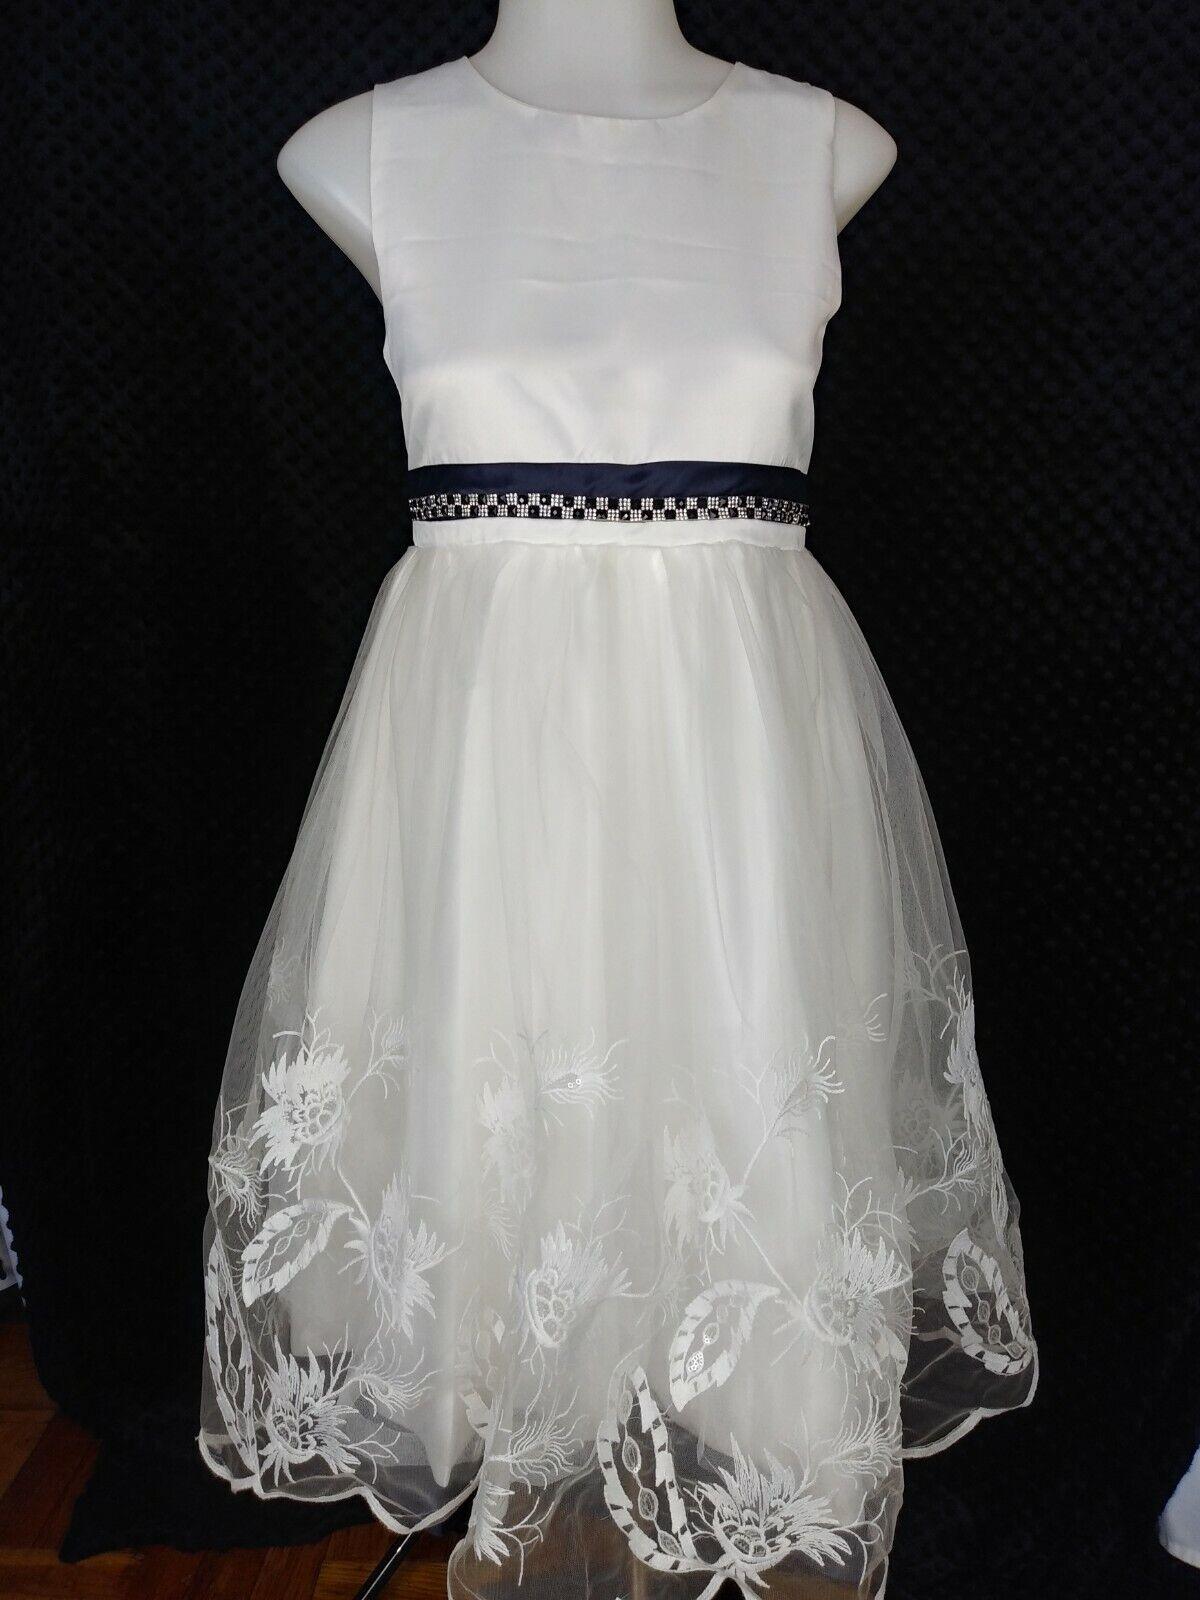 Kids World of USA Girls Dress White 16 Communion Baptism Flower Zip Fully Lined